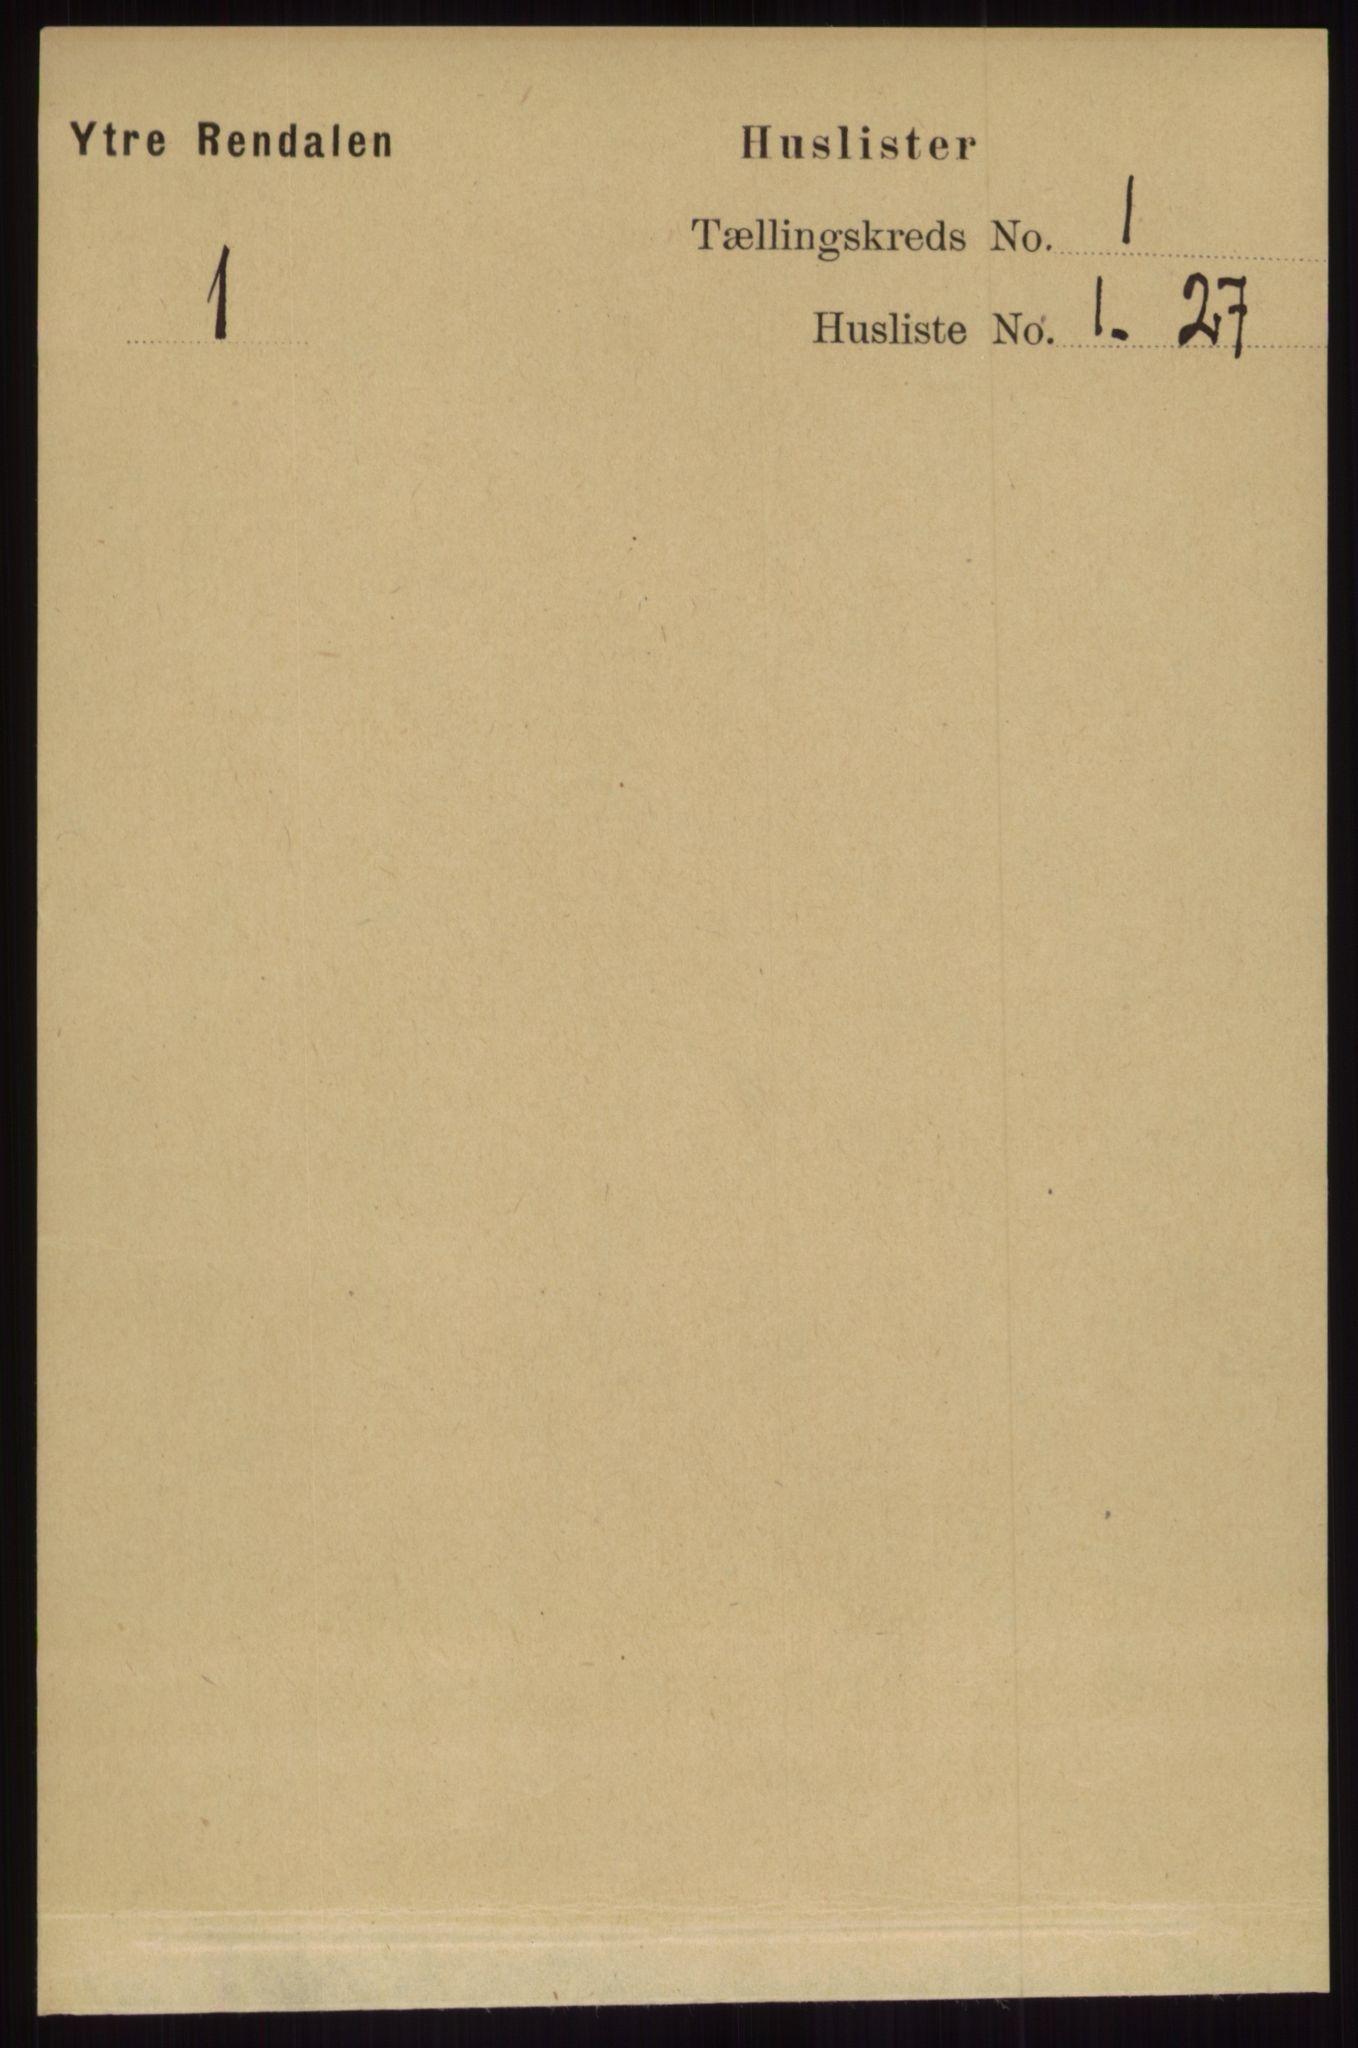 RA, Folketelling 1891 for 0432 Ytre Rendal herred, 1891, s. 22